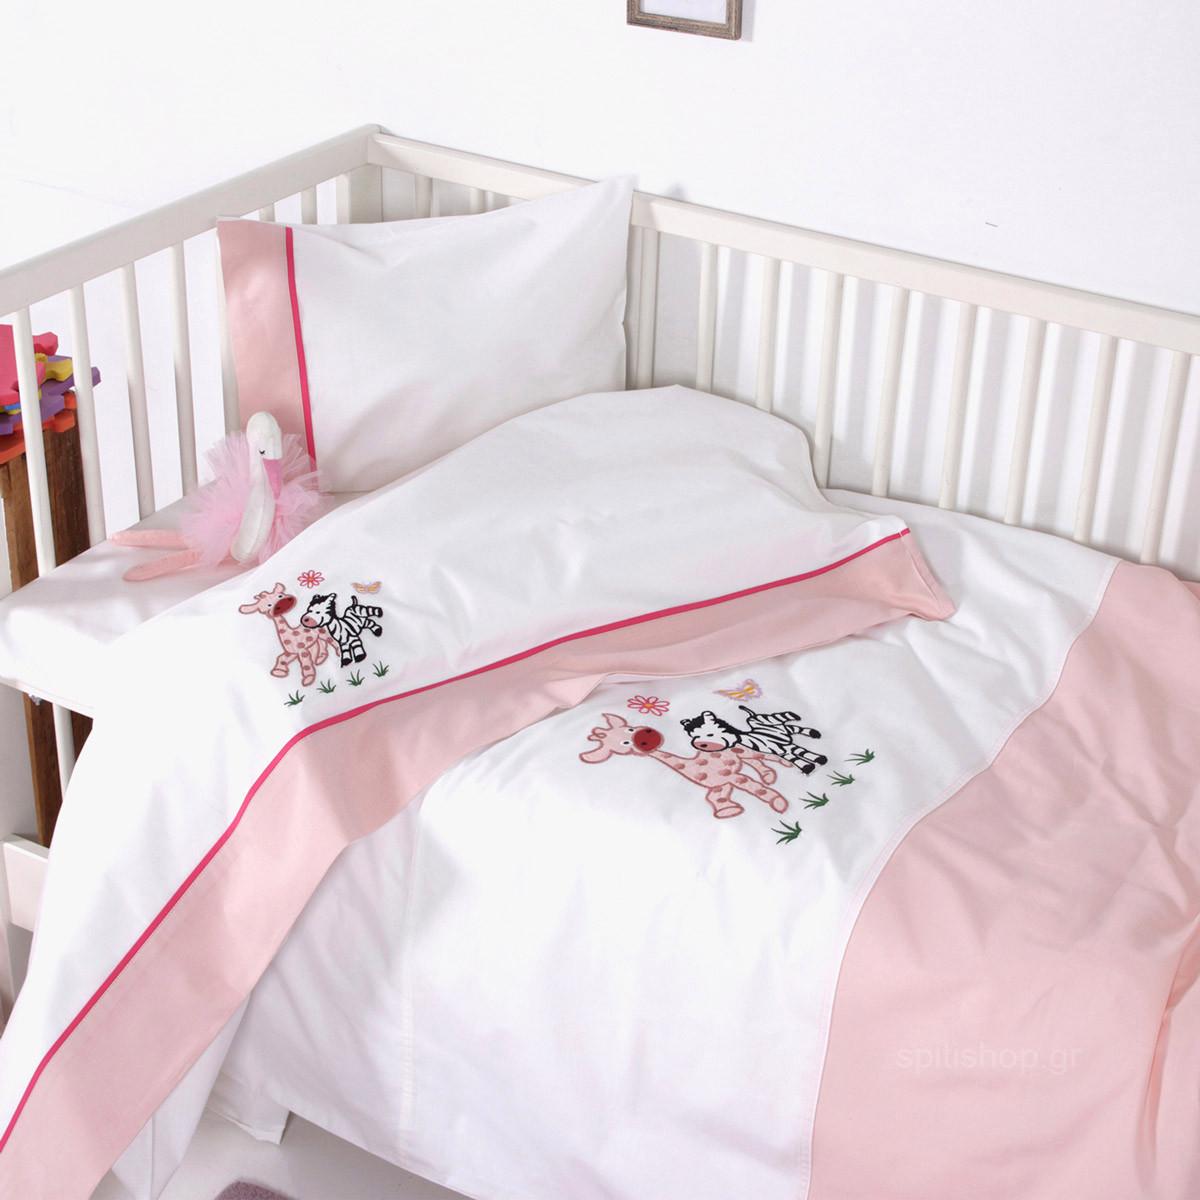 Σεντόνια Κούνιας (Σετ) Sb Home Baby Olly & Zemo Pink